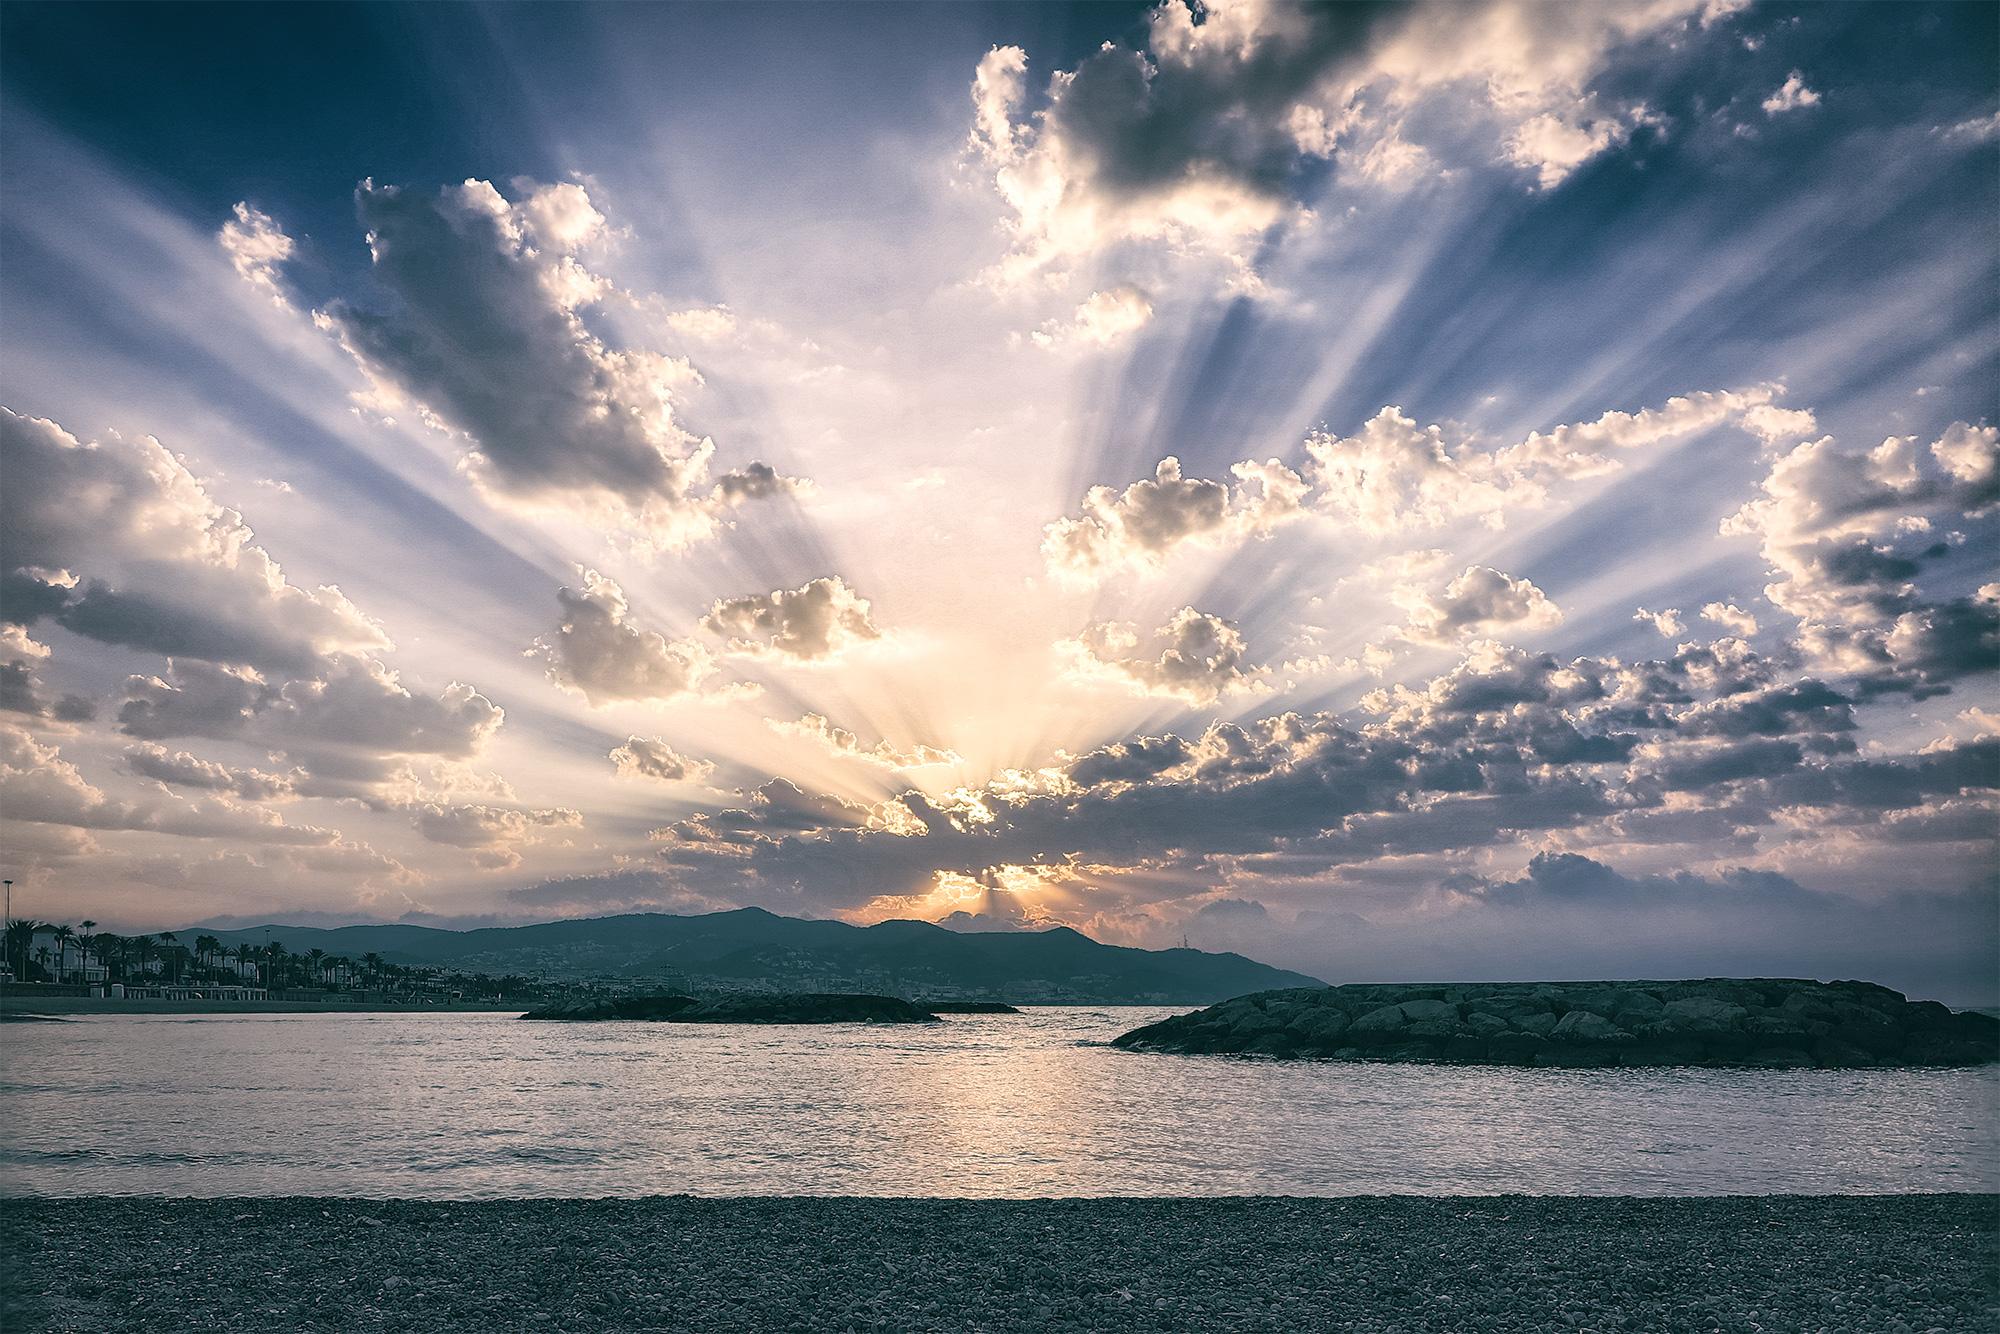 Sonnenaufgang in einer kleinen spanischen Stadt